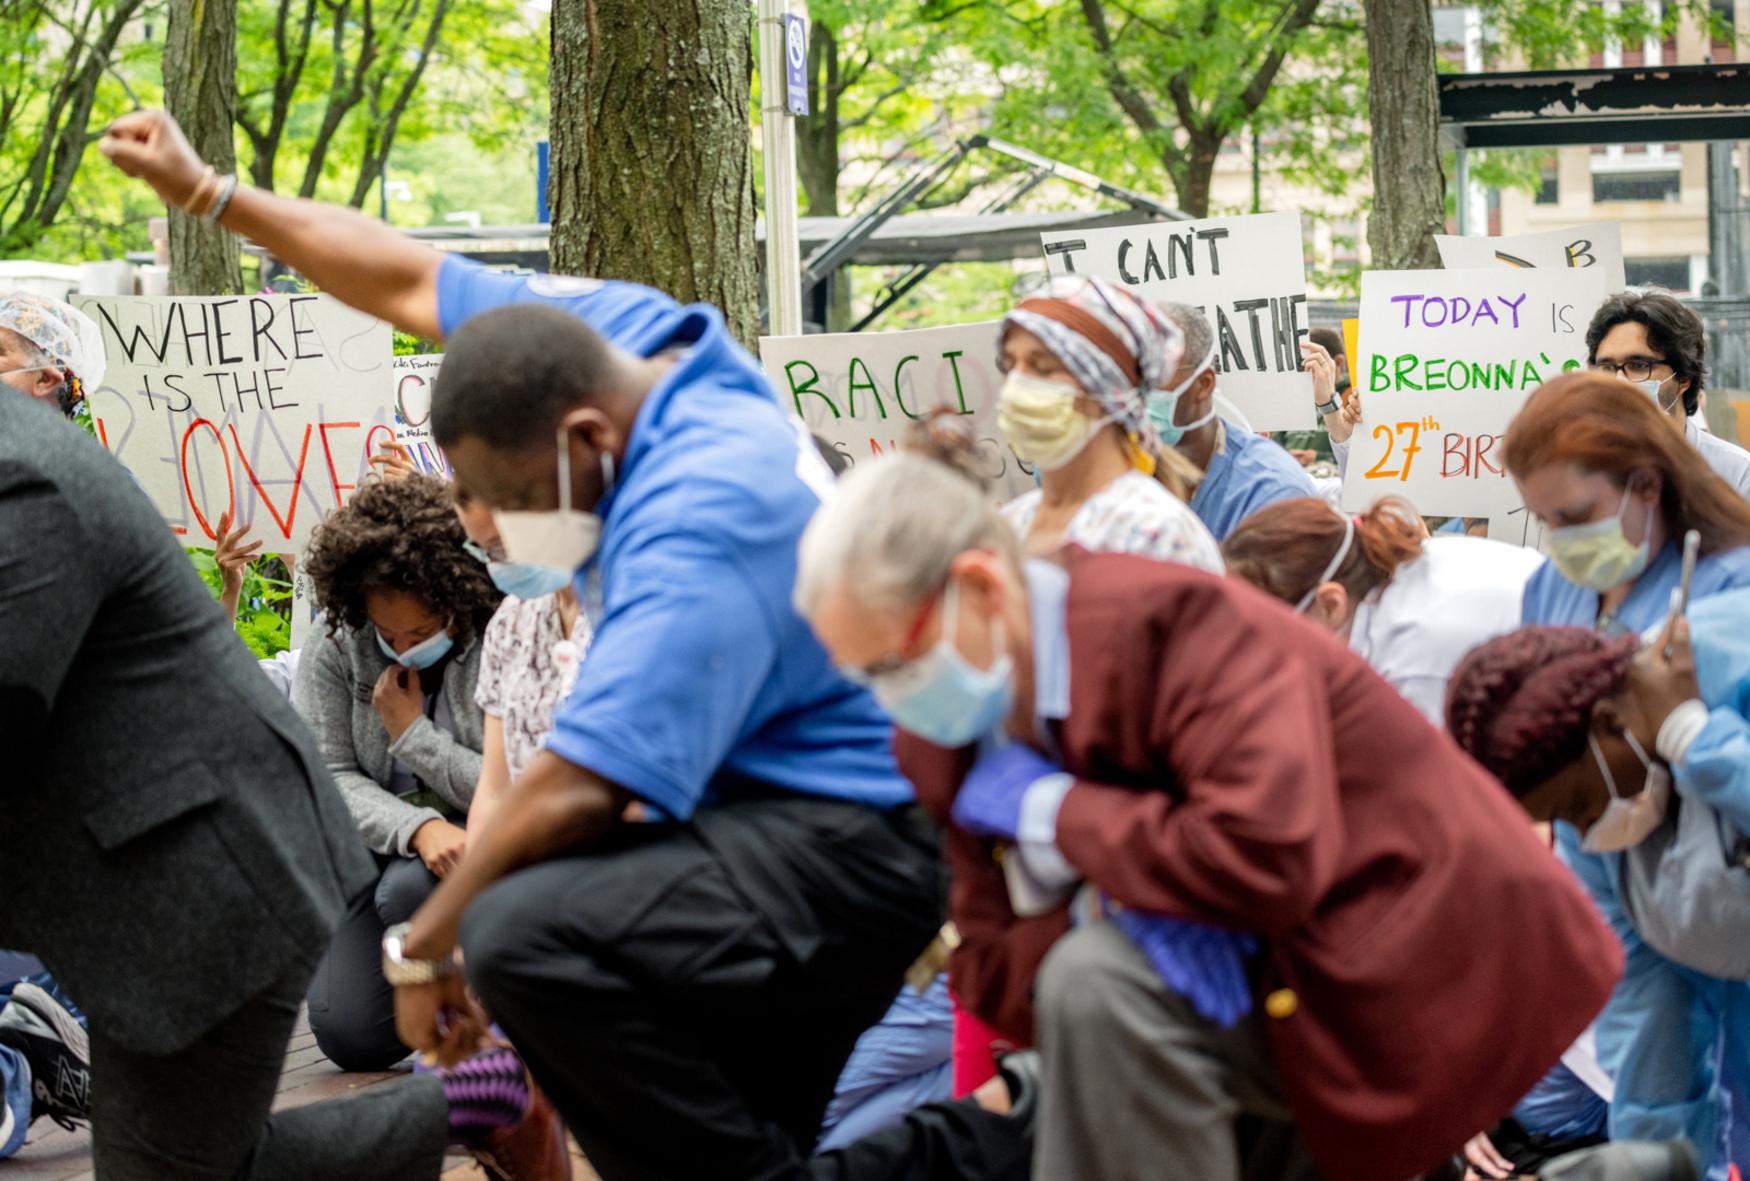 black lives matter kneel in protest